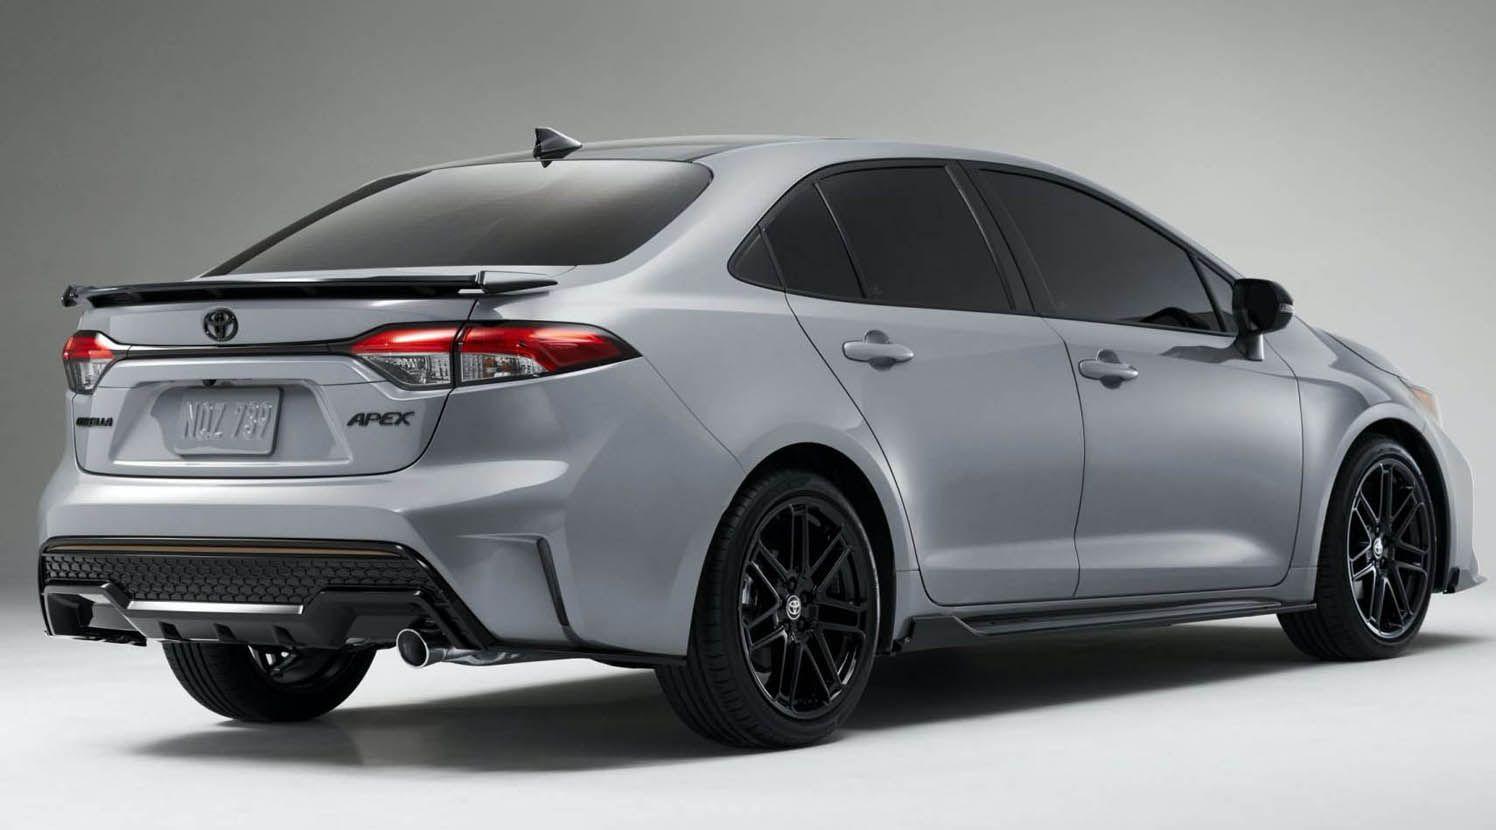 تويوتا كورولا أيبكيس 2021 الجديدة السيدان المدمجة الرياضية الحصرية والمميزة موقع ويلز In 2020 Toyota Corolla Toyota Corolla